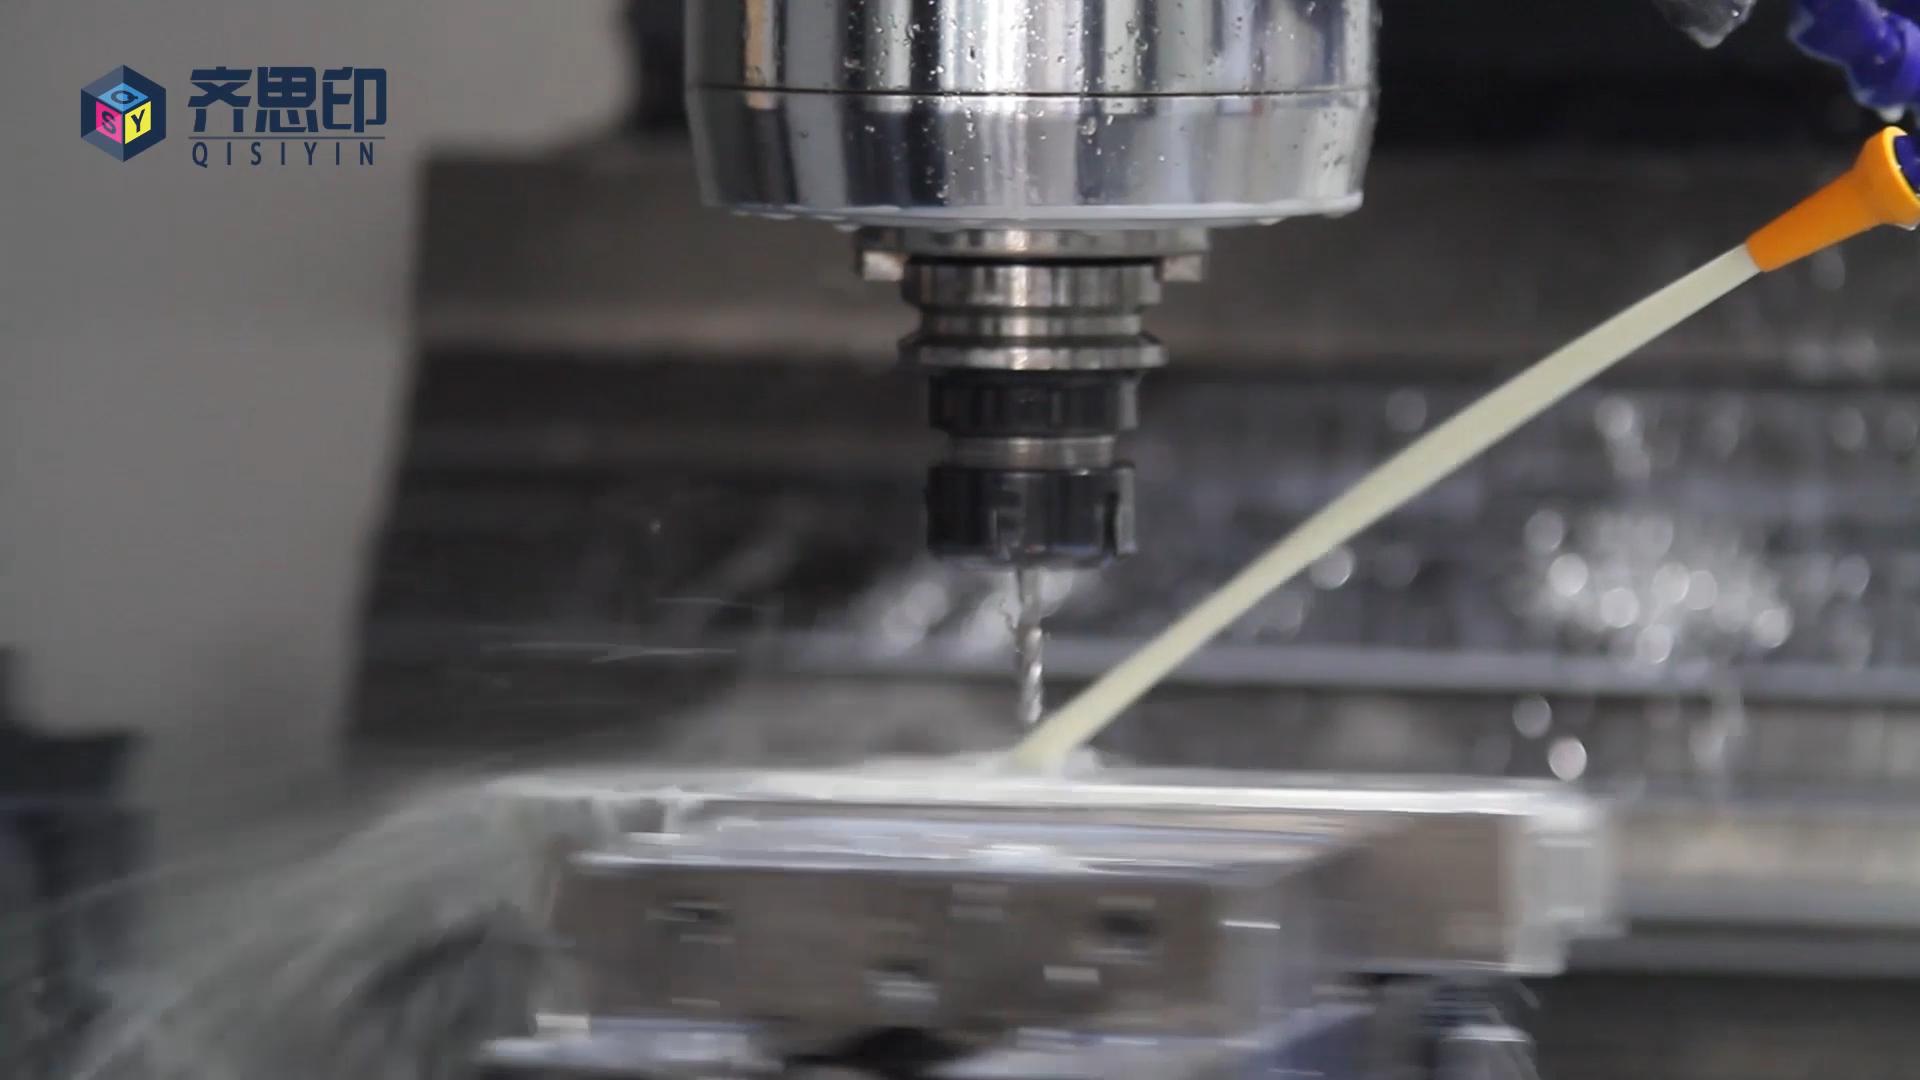 En métal d'usinage de commande numérique par ordinateur en aluminium de haute qualité en acier inoxydable en laiton pièces de service de prototypage rapide